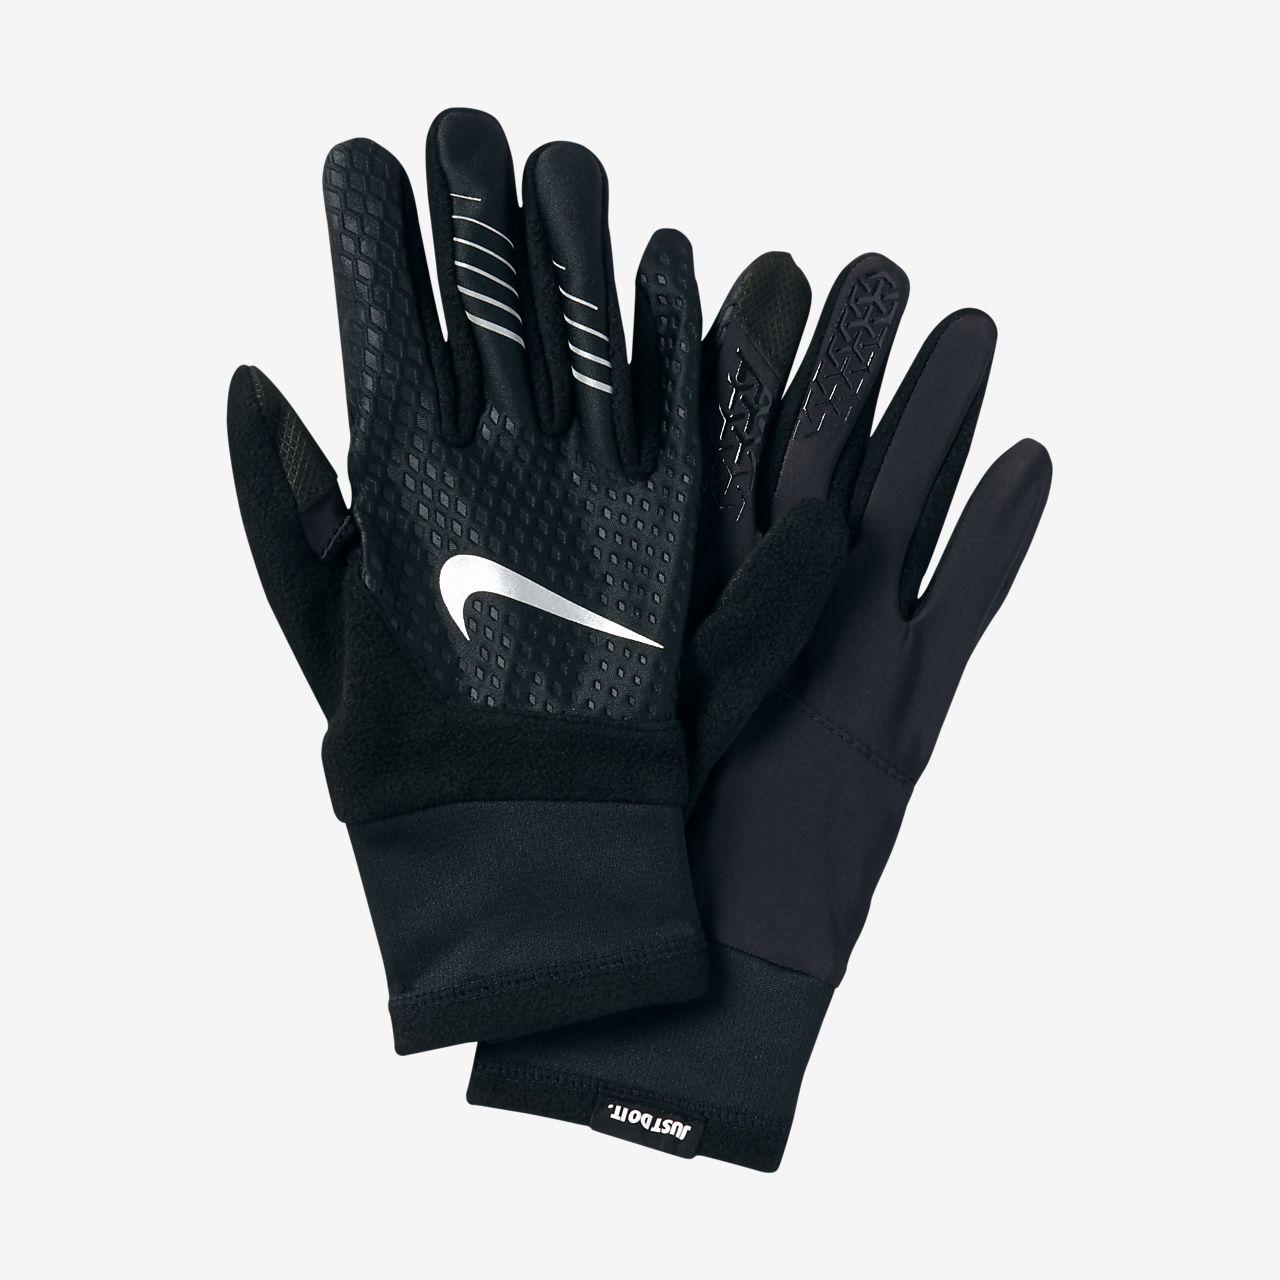 Löparhandskar Nike Therma-FIT Elite 2.0 för kvinnor